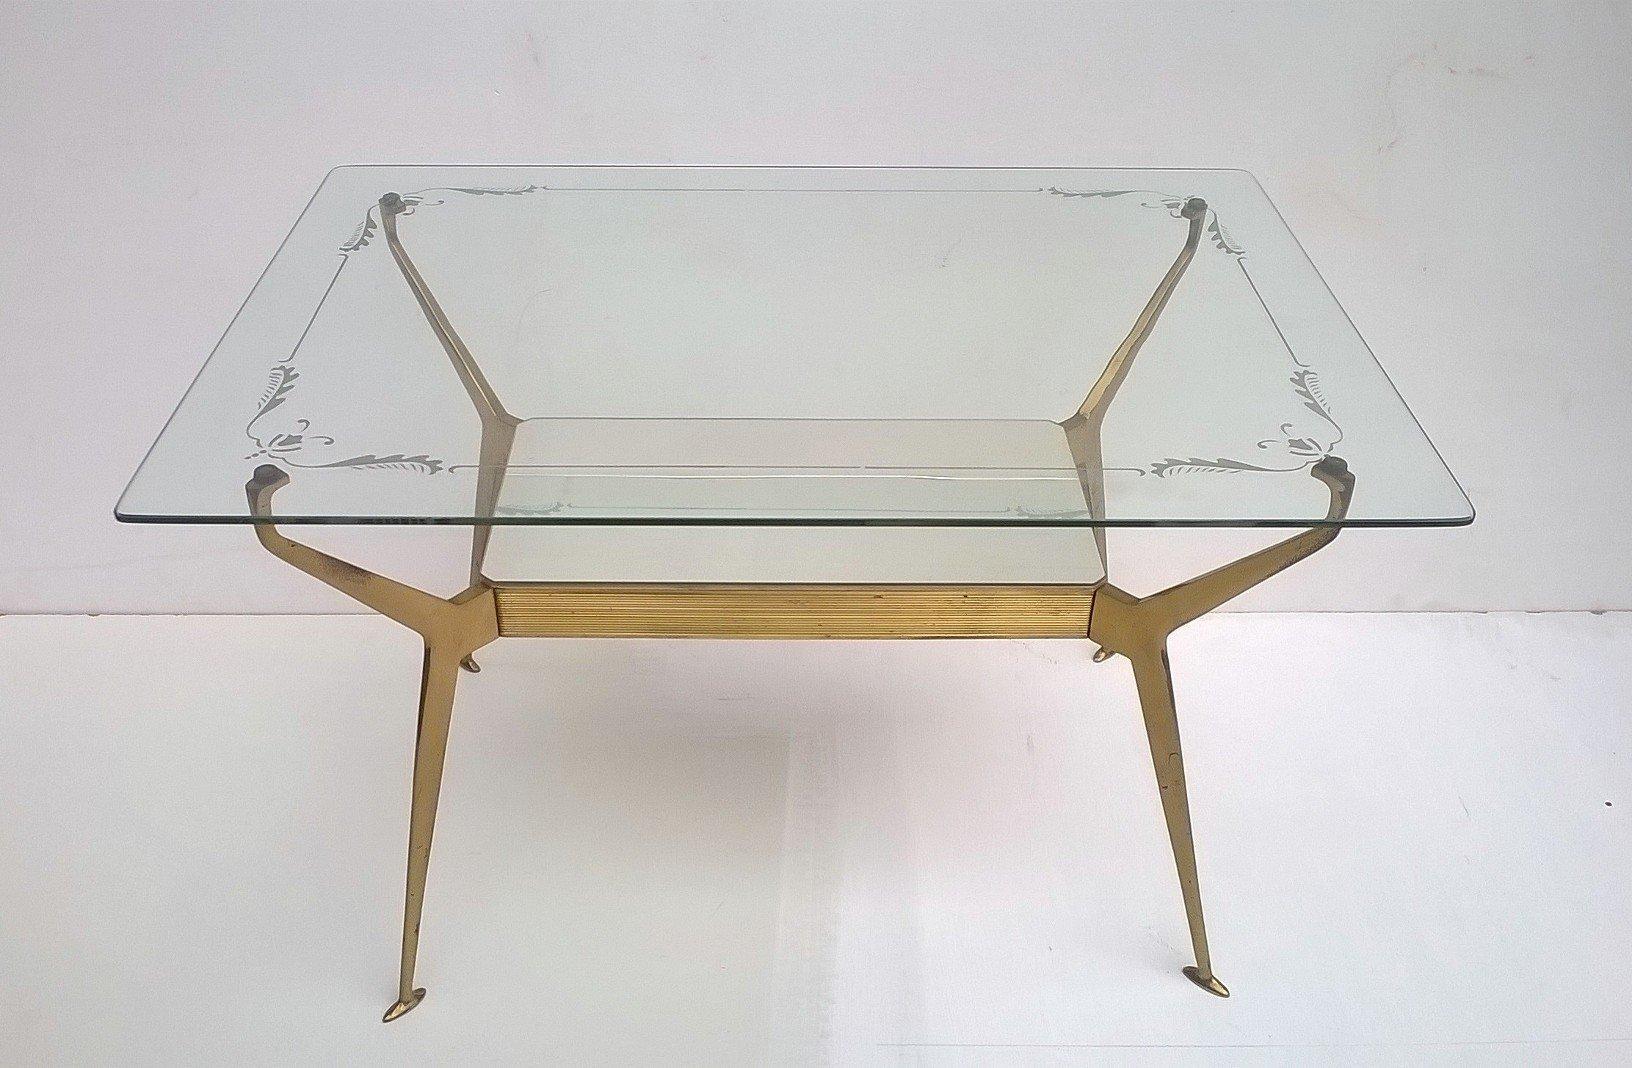 table basse en verre et en laiton italie 1950s en vente sur pamono. Black Bedroom Furniture Sets. Home Design Ideas